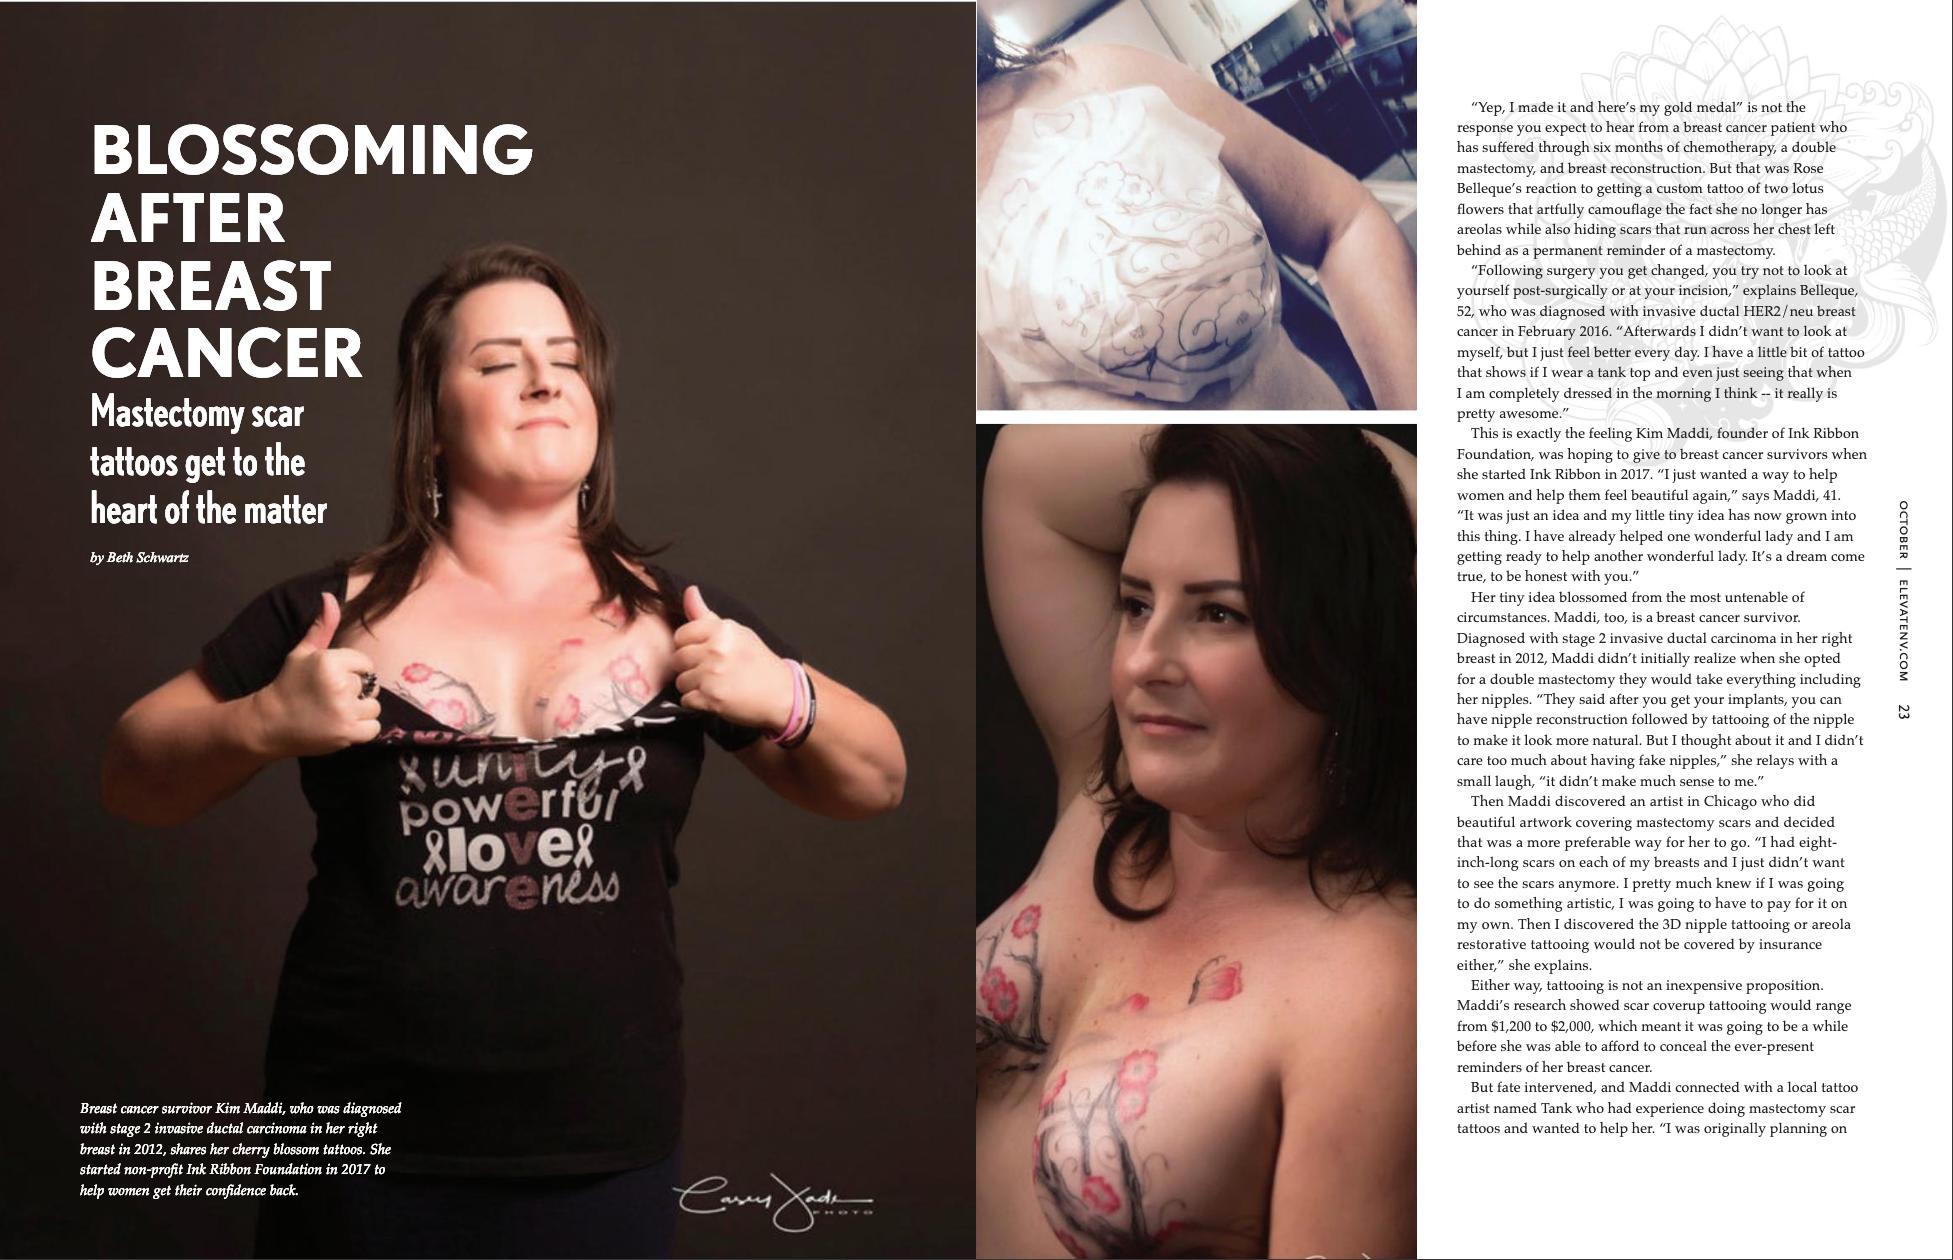 elevate-nv-magazine-ink-ribbon-foundation-casey-jade-photo